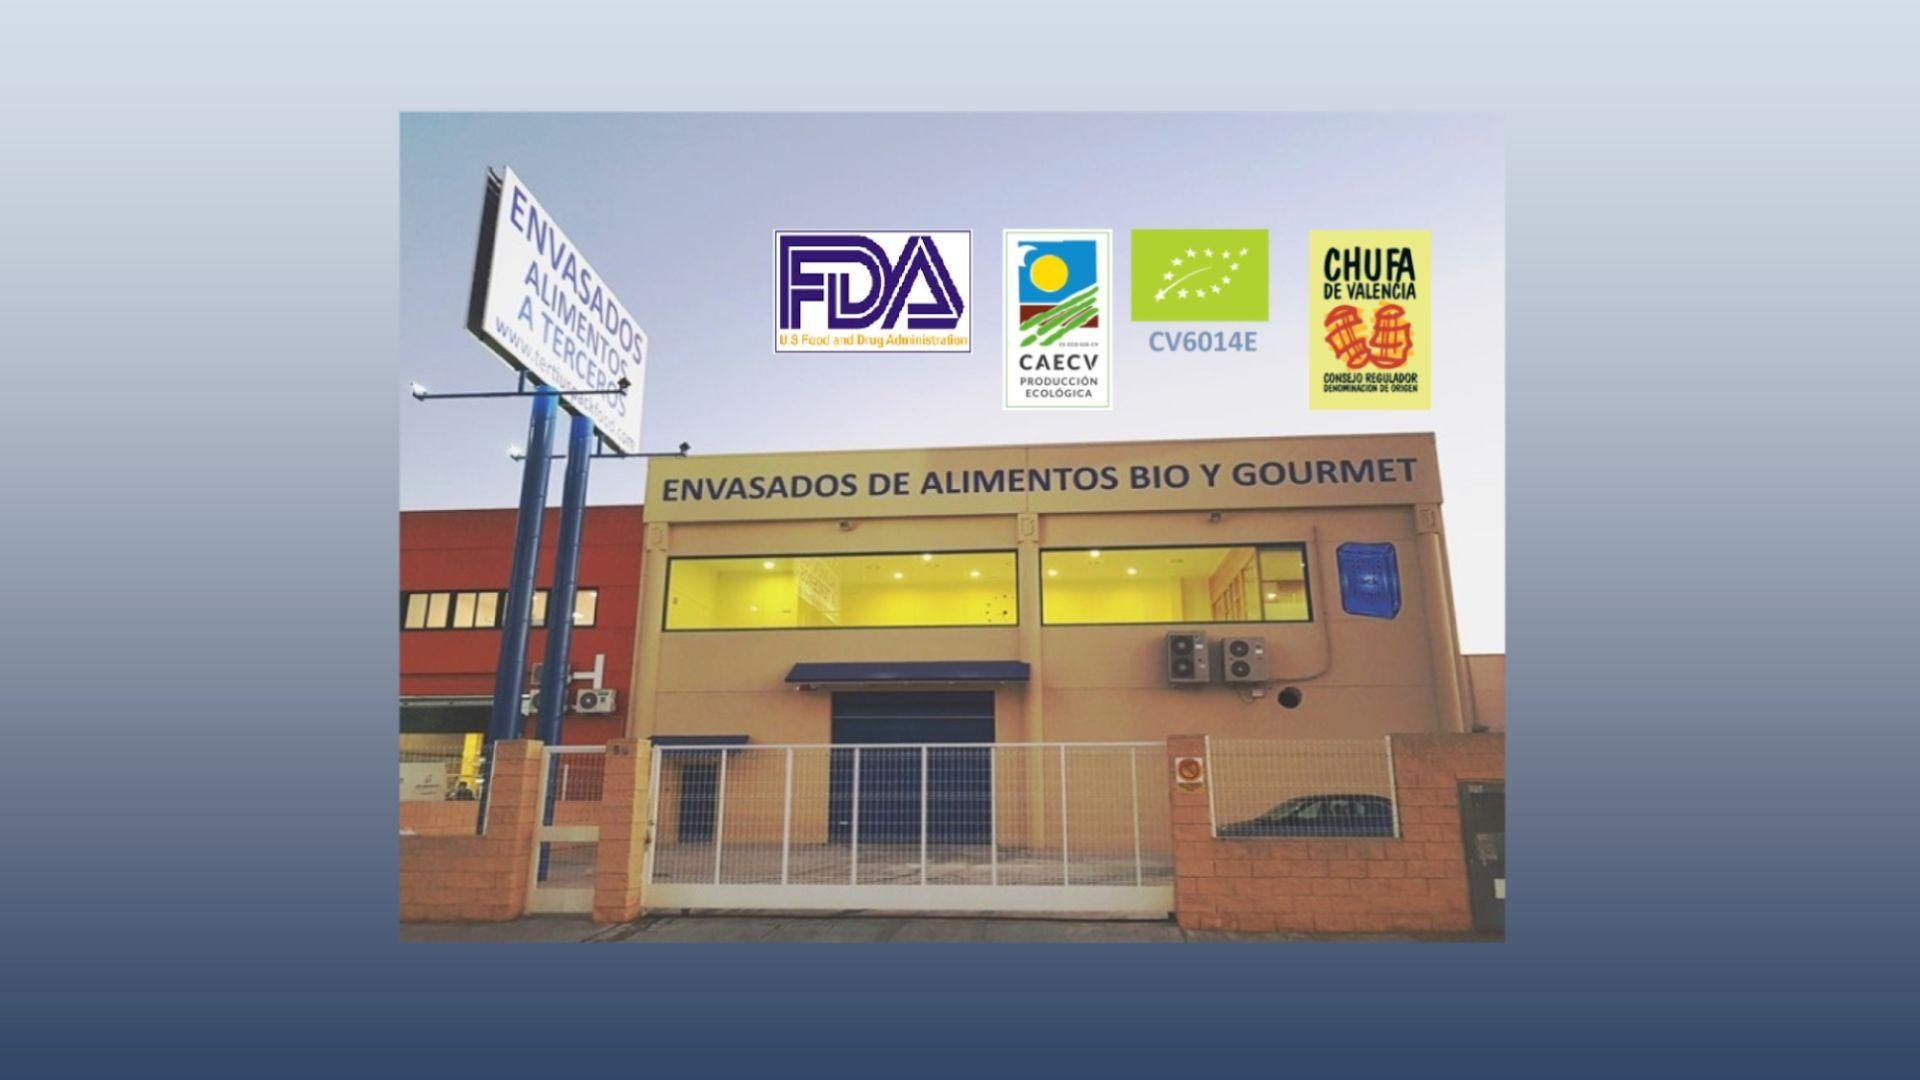 FACHADA PORTADA CAECV FDA1